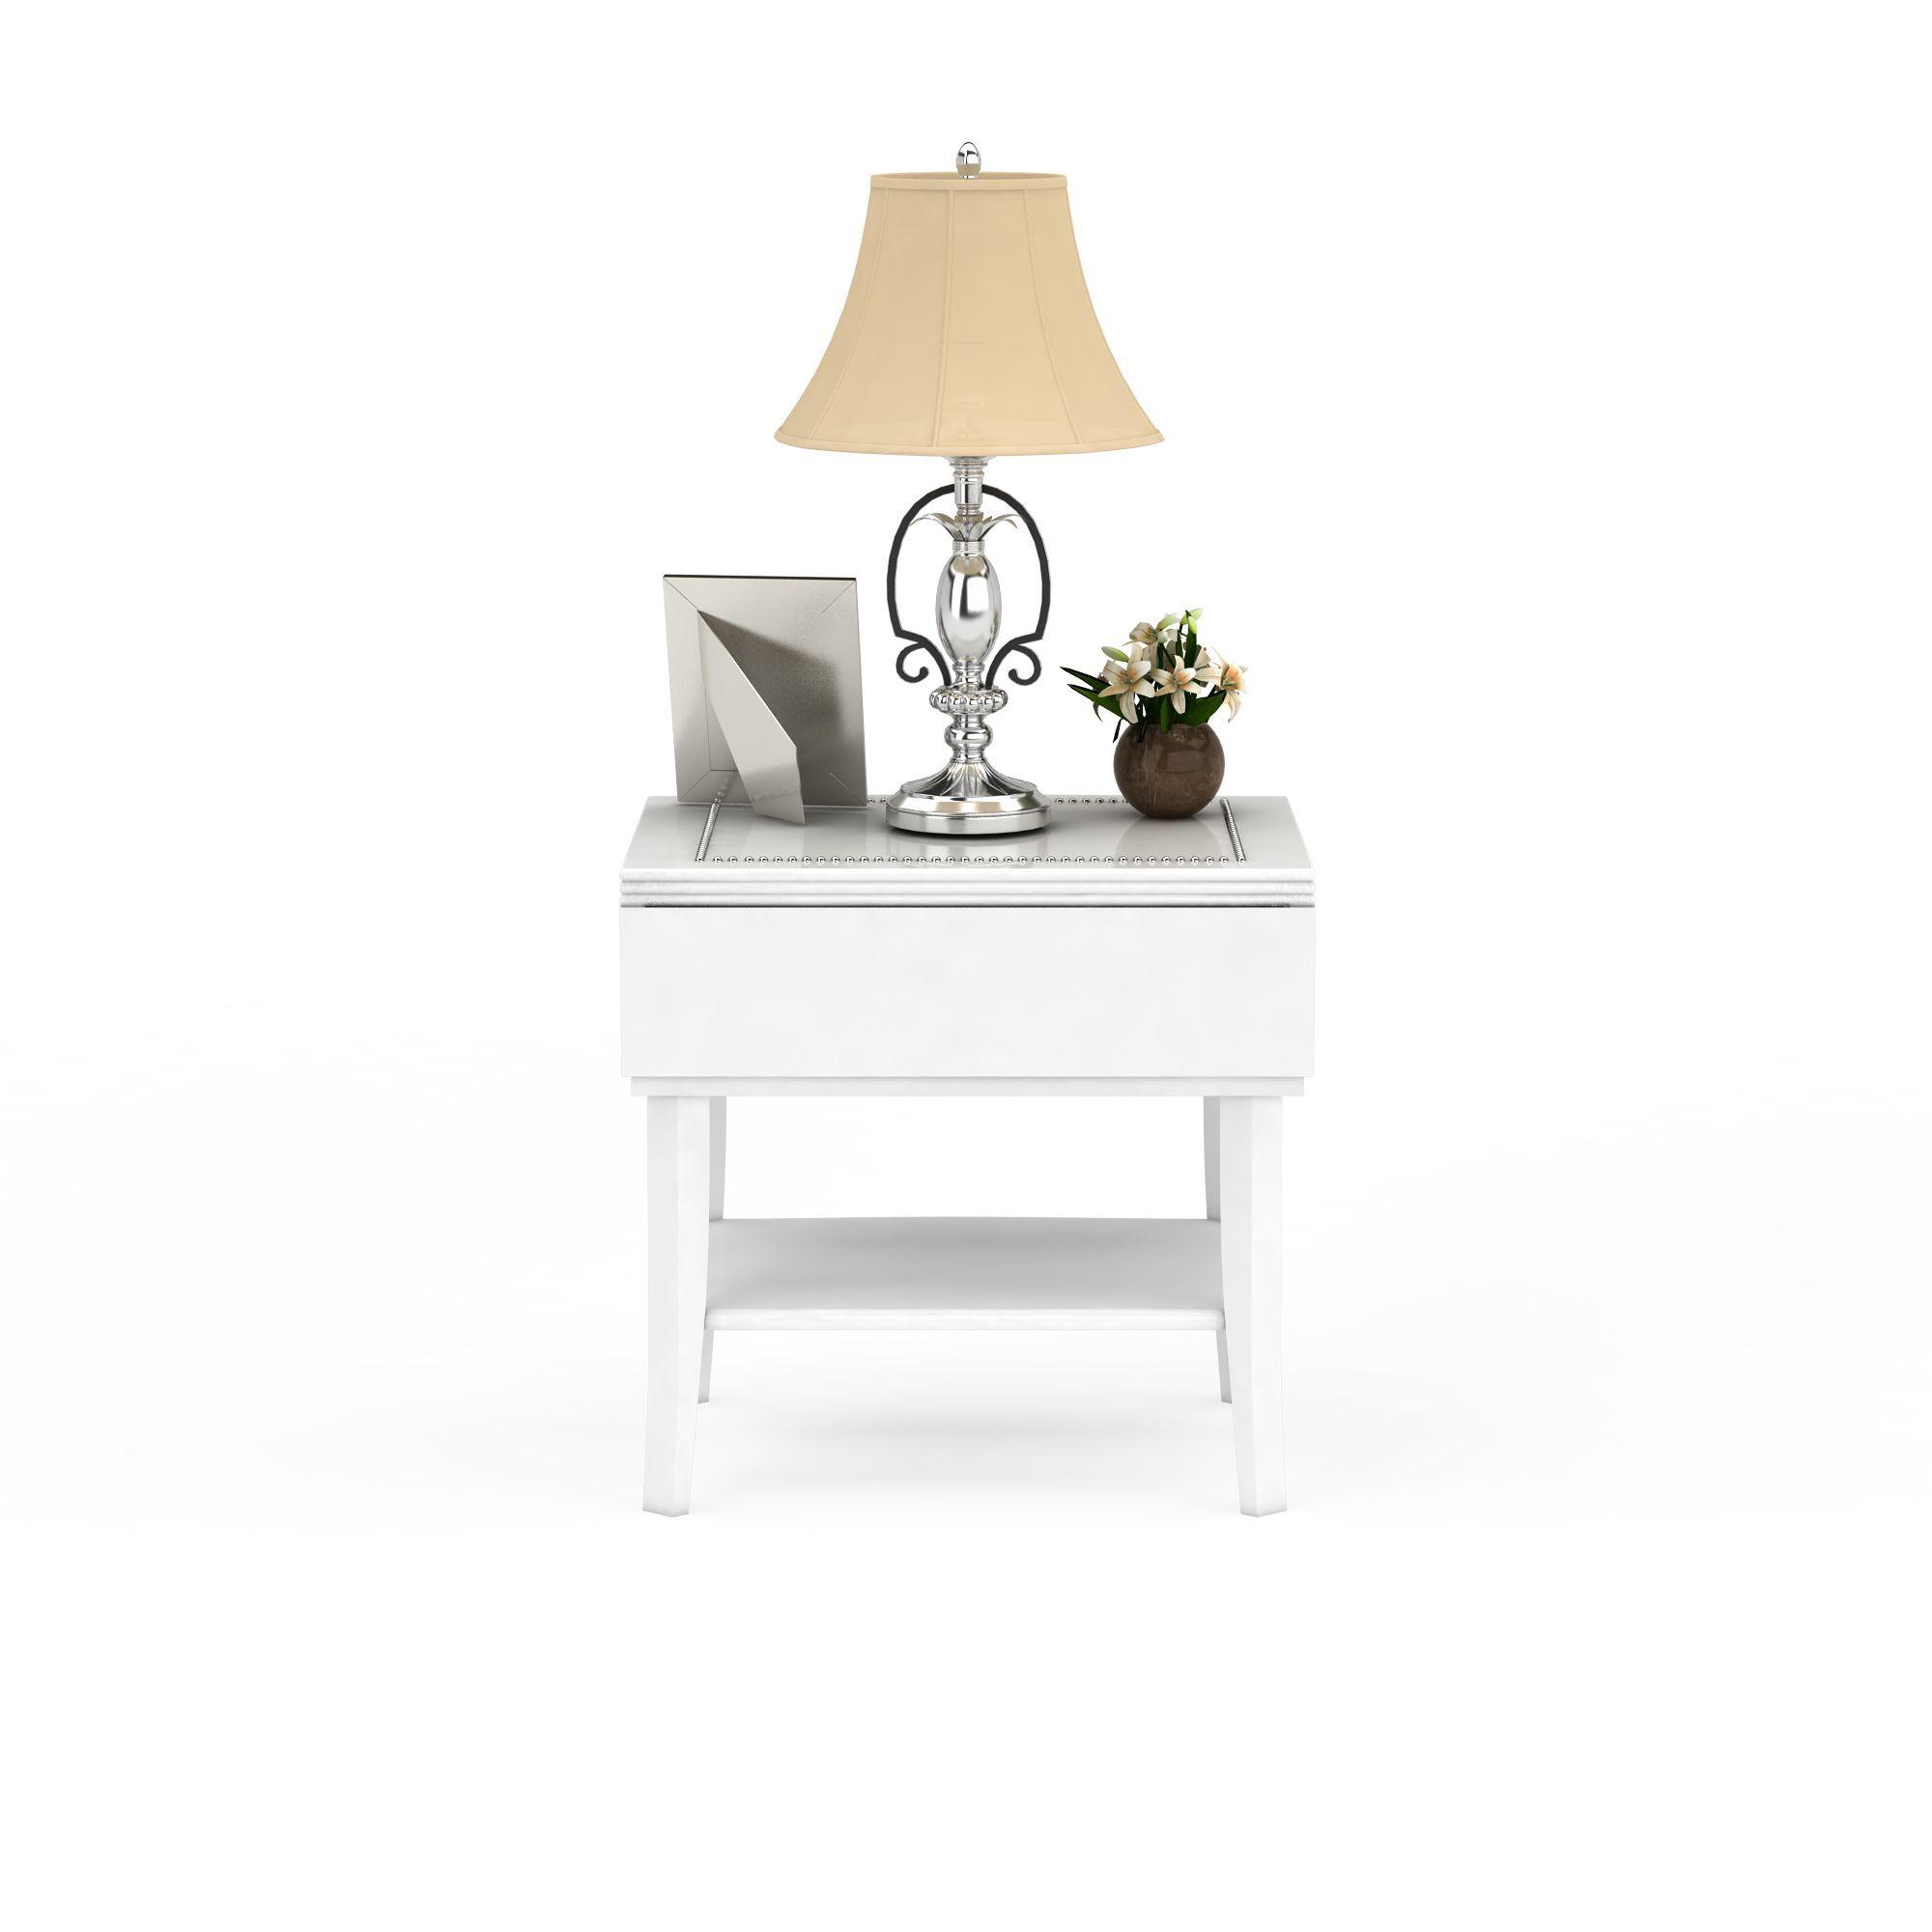 欧式白色床头柜图片_欧式白色床头柜png图片素材_欧式